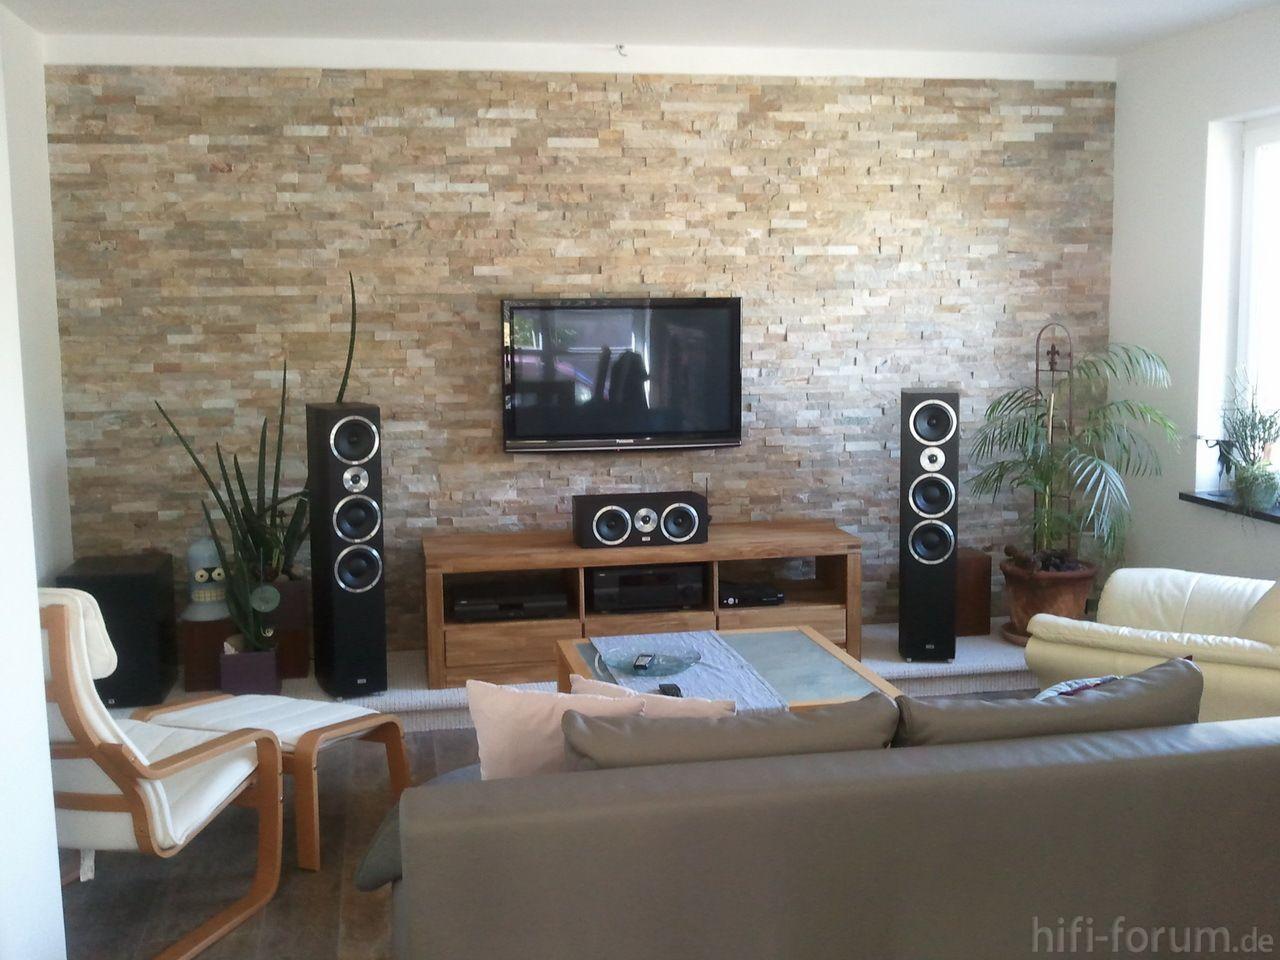 Steinwand Steinwand Wohnzimmer Wohnzimmer Tapeten Ideen Wohnideen Wohnzimmer